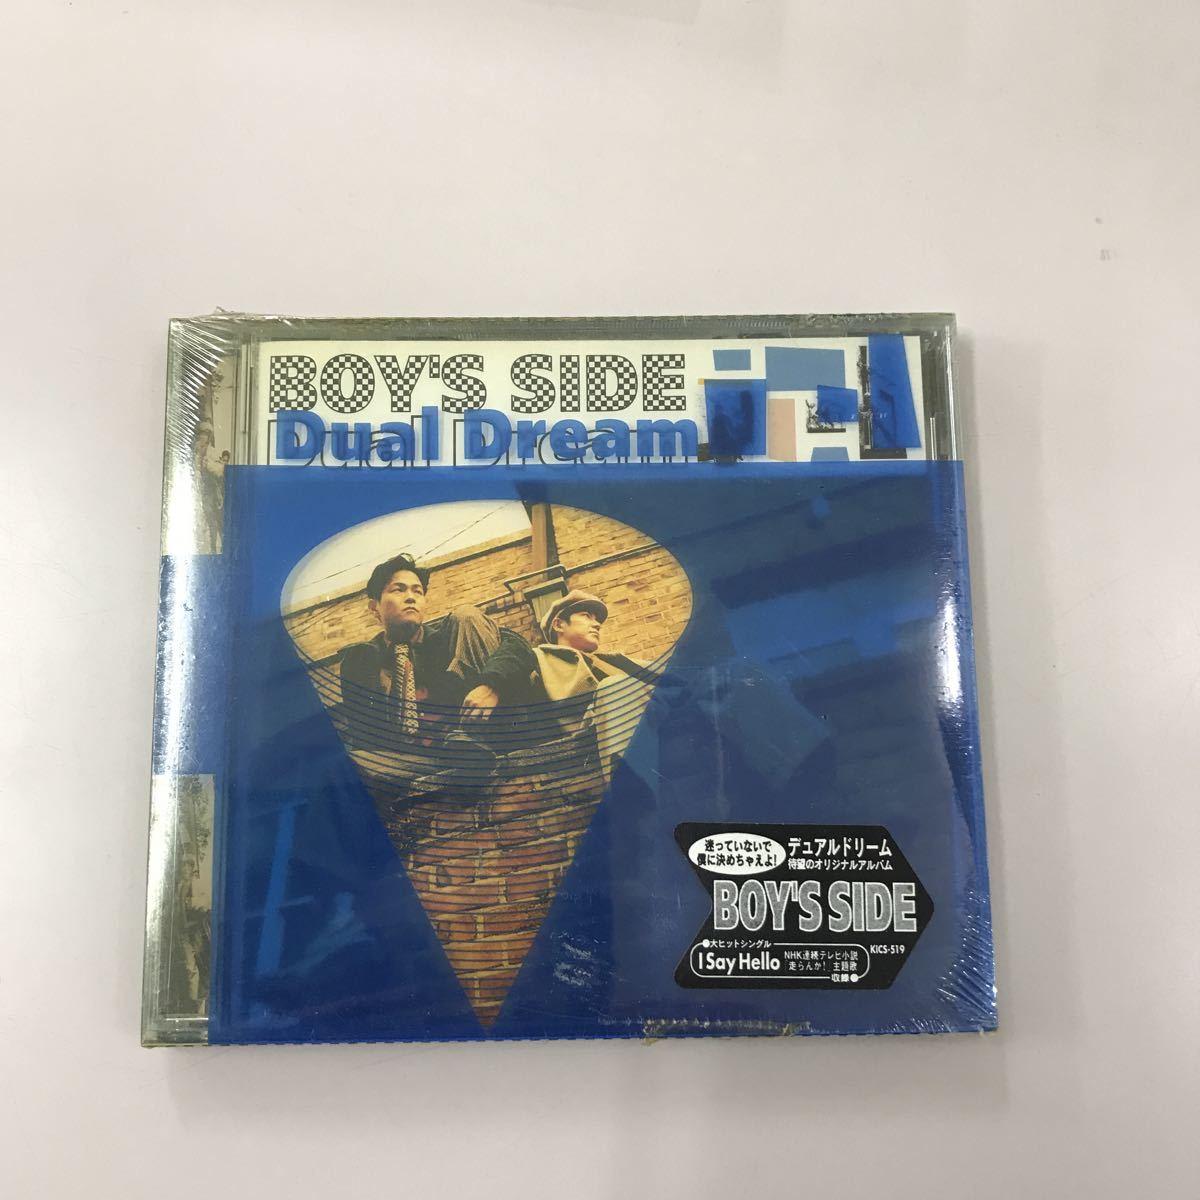 CD 新品未開封 長期保存品【邦楽】デュアルドリーム BOY' S SIDF